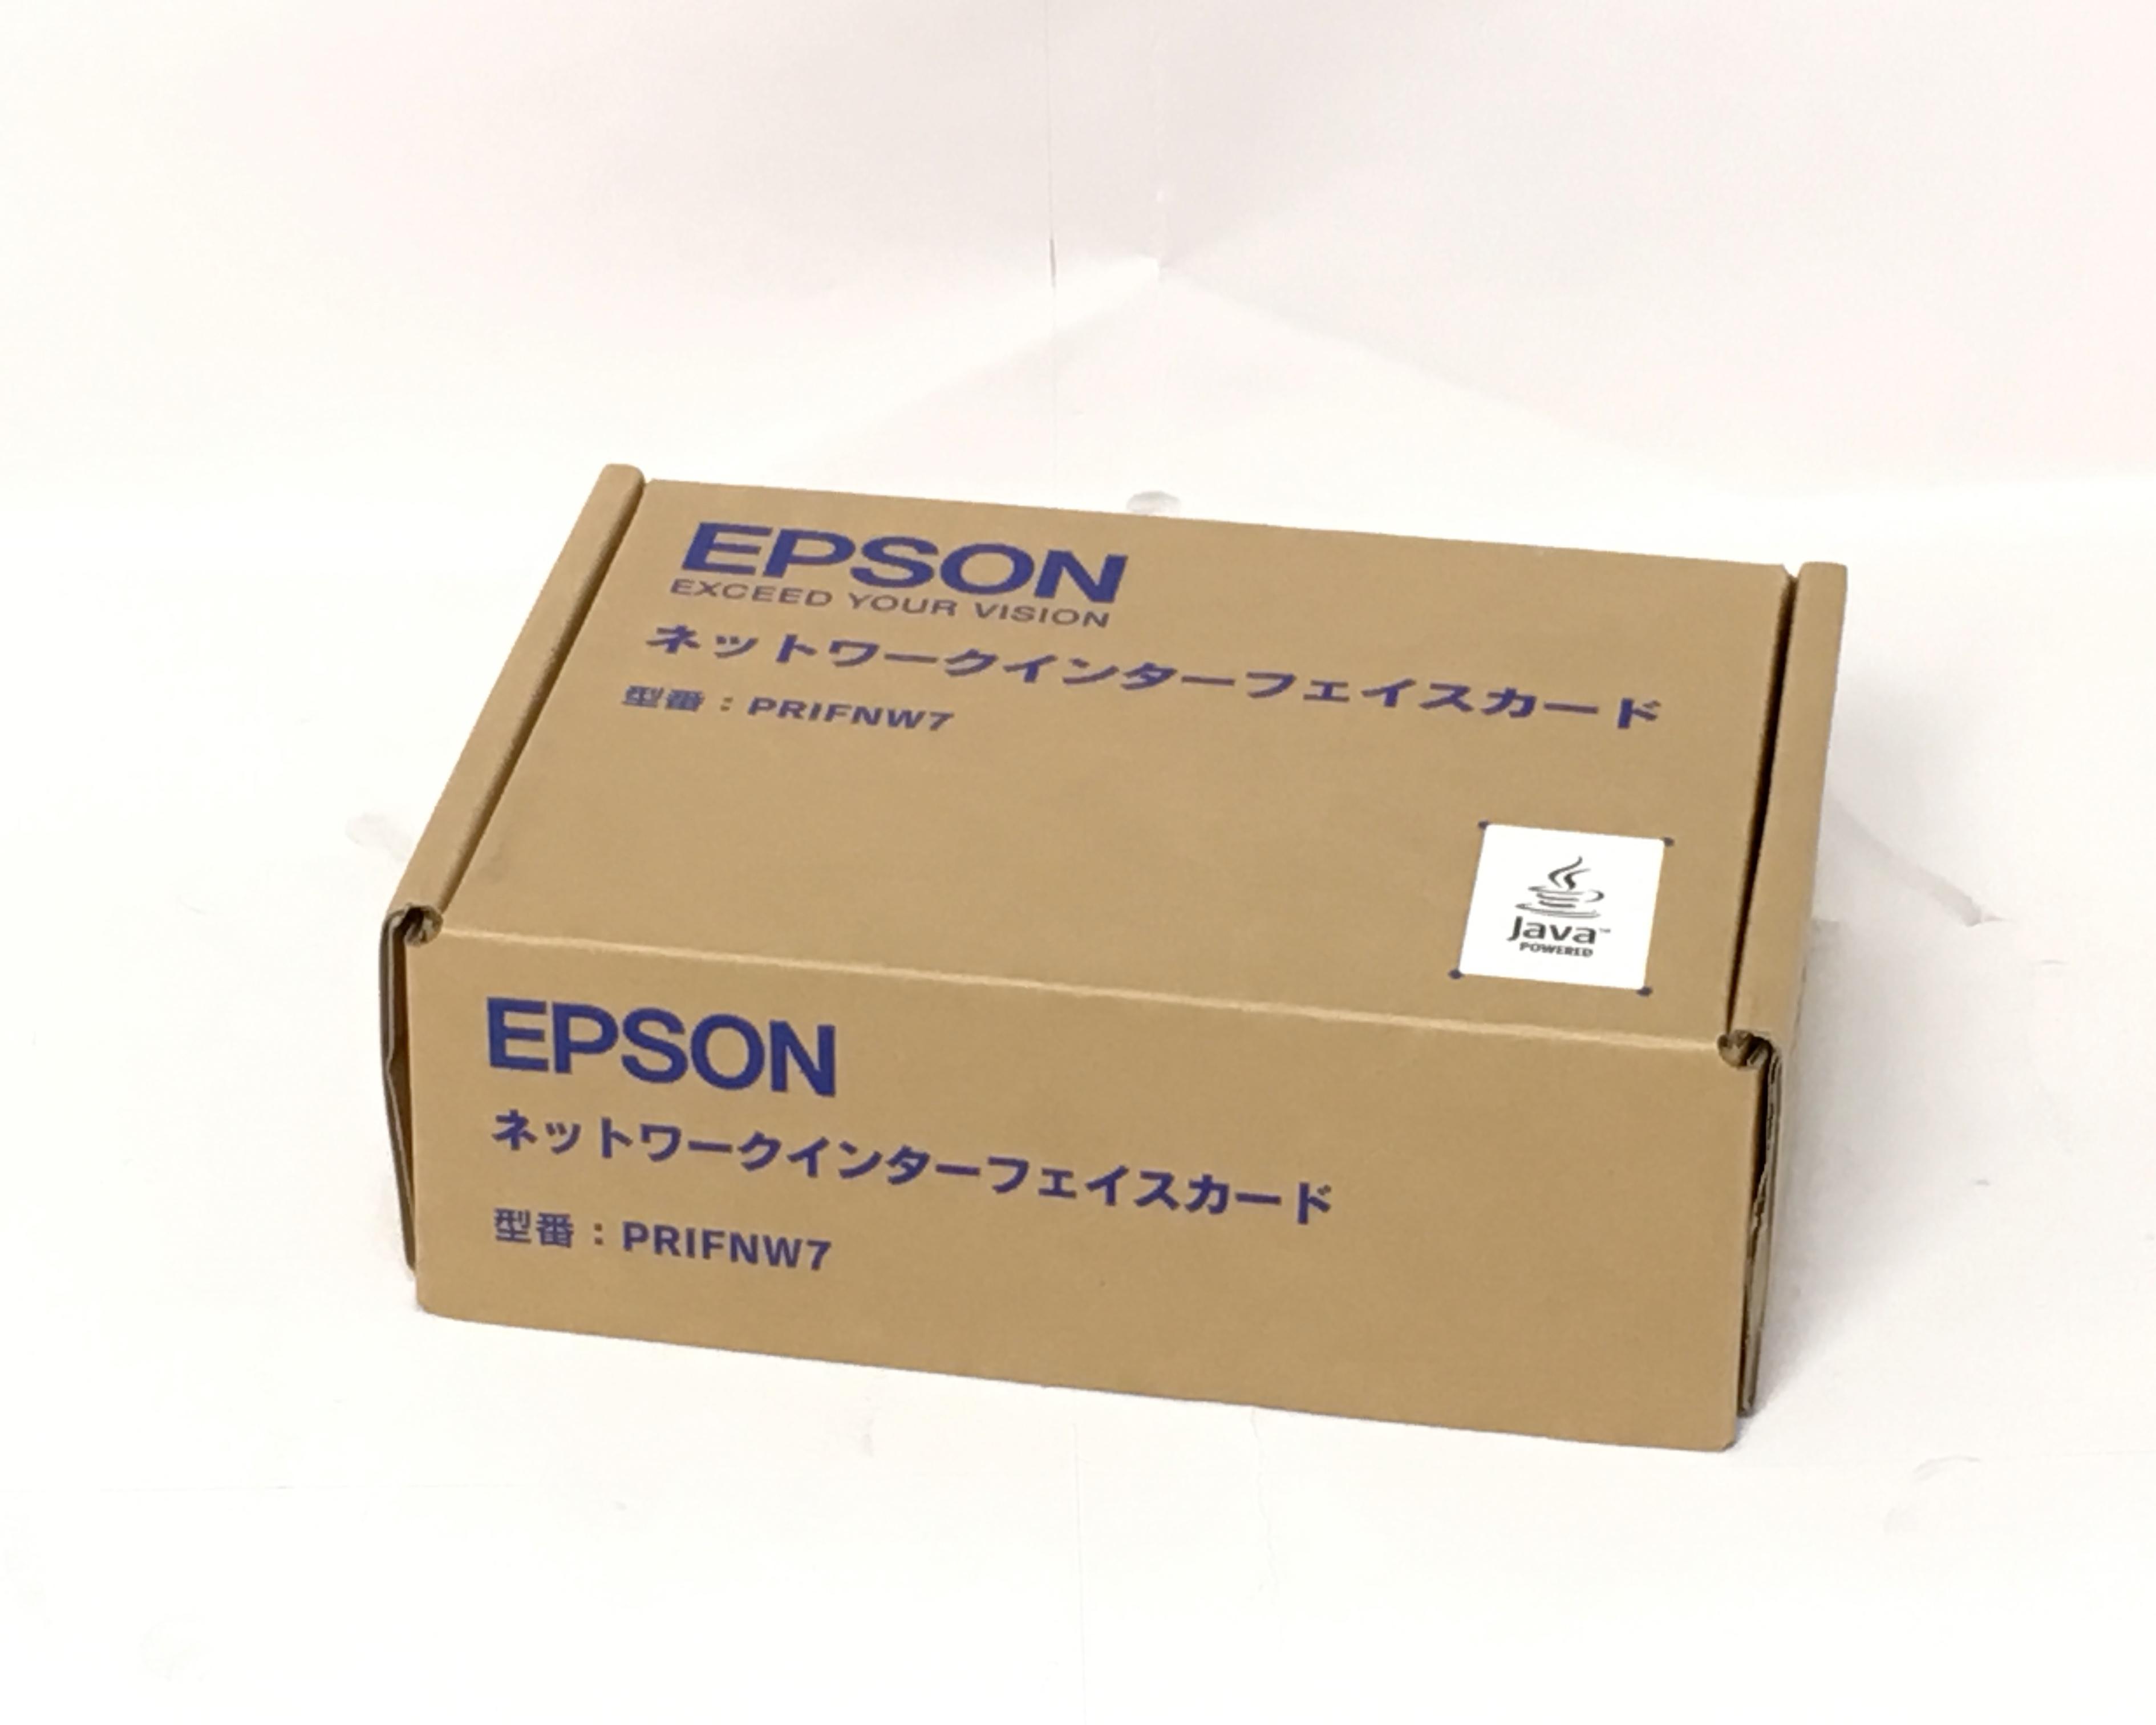 【優良中古】EPSON ネッワークオプションカード PRIFNW7 メイン画像